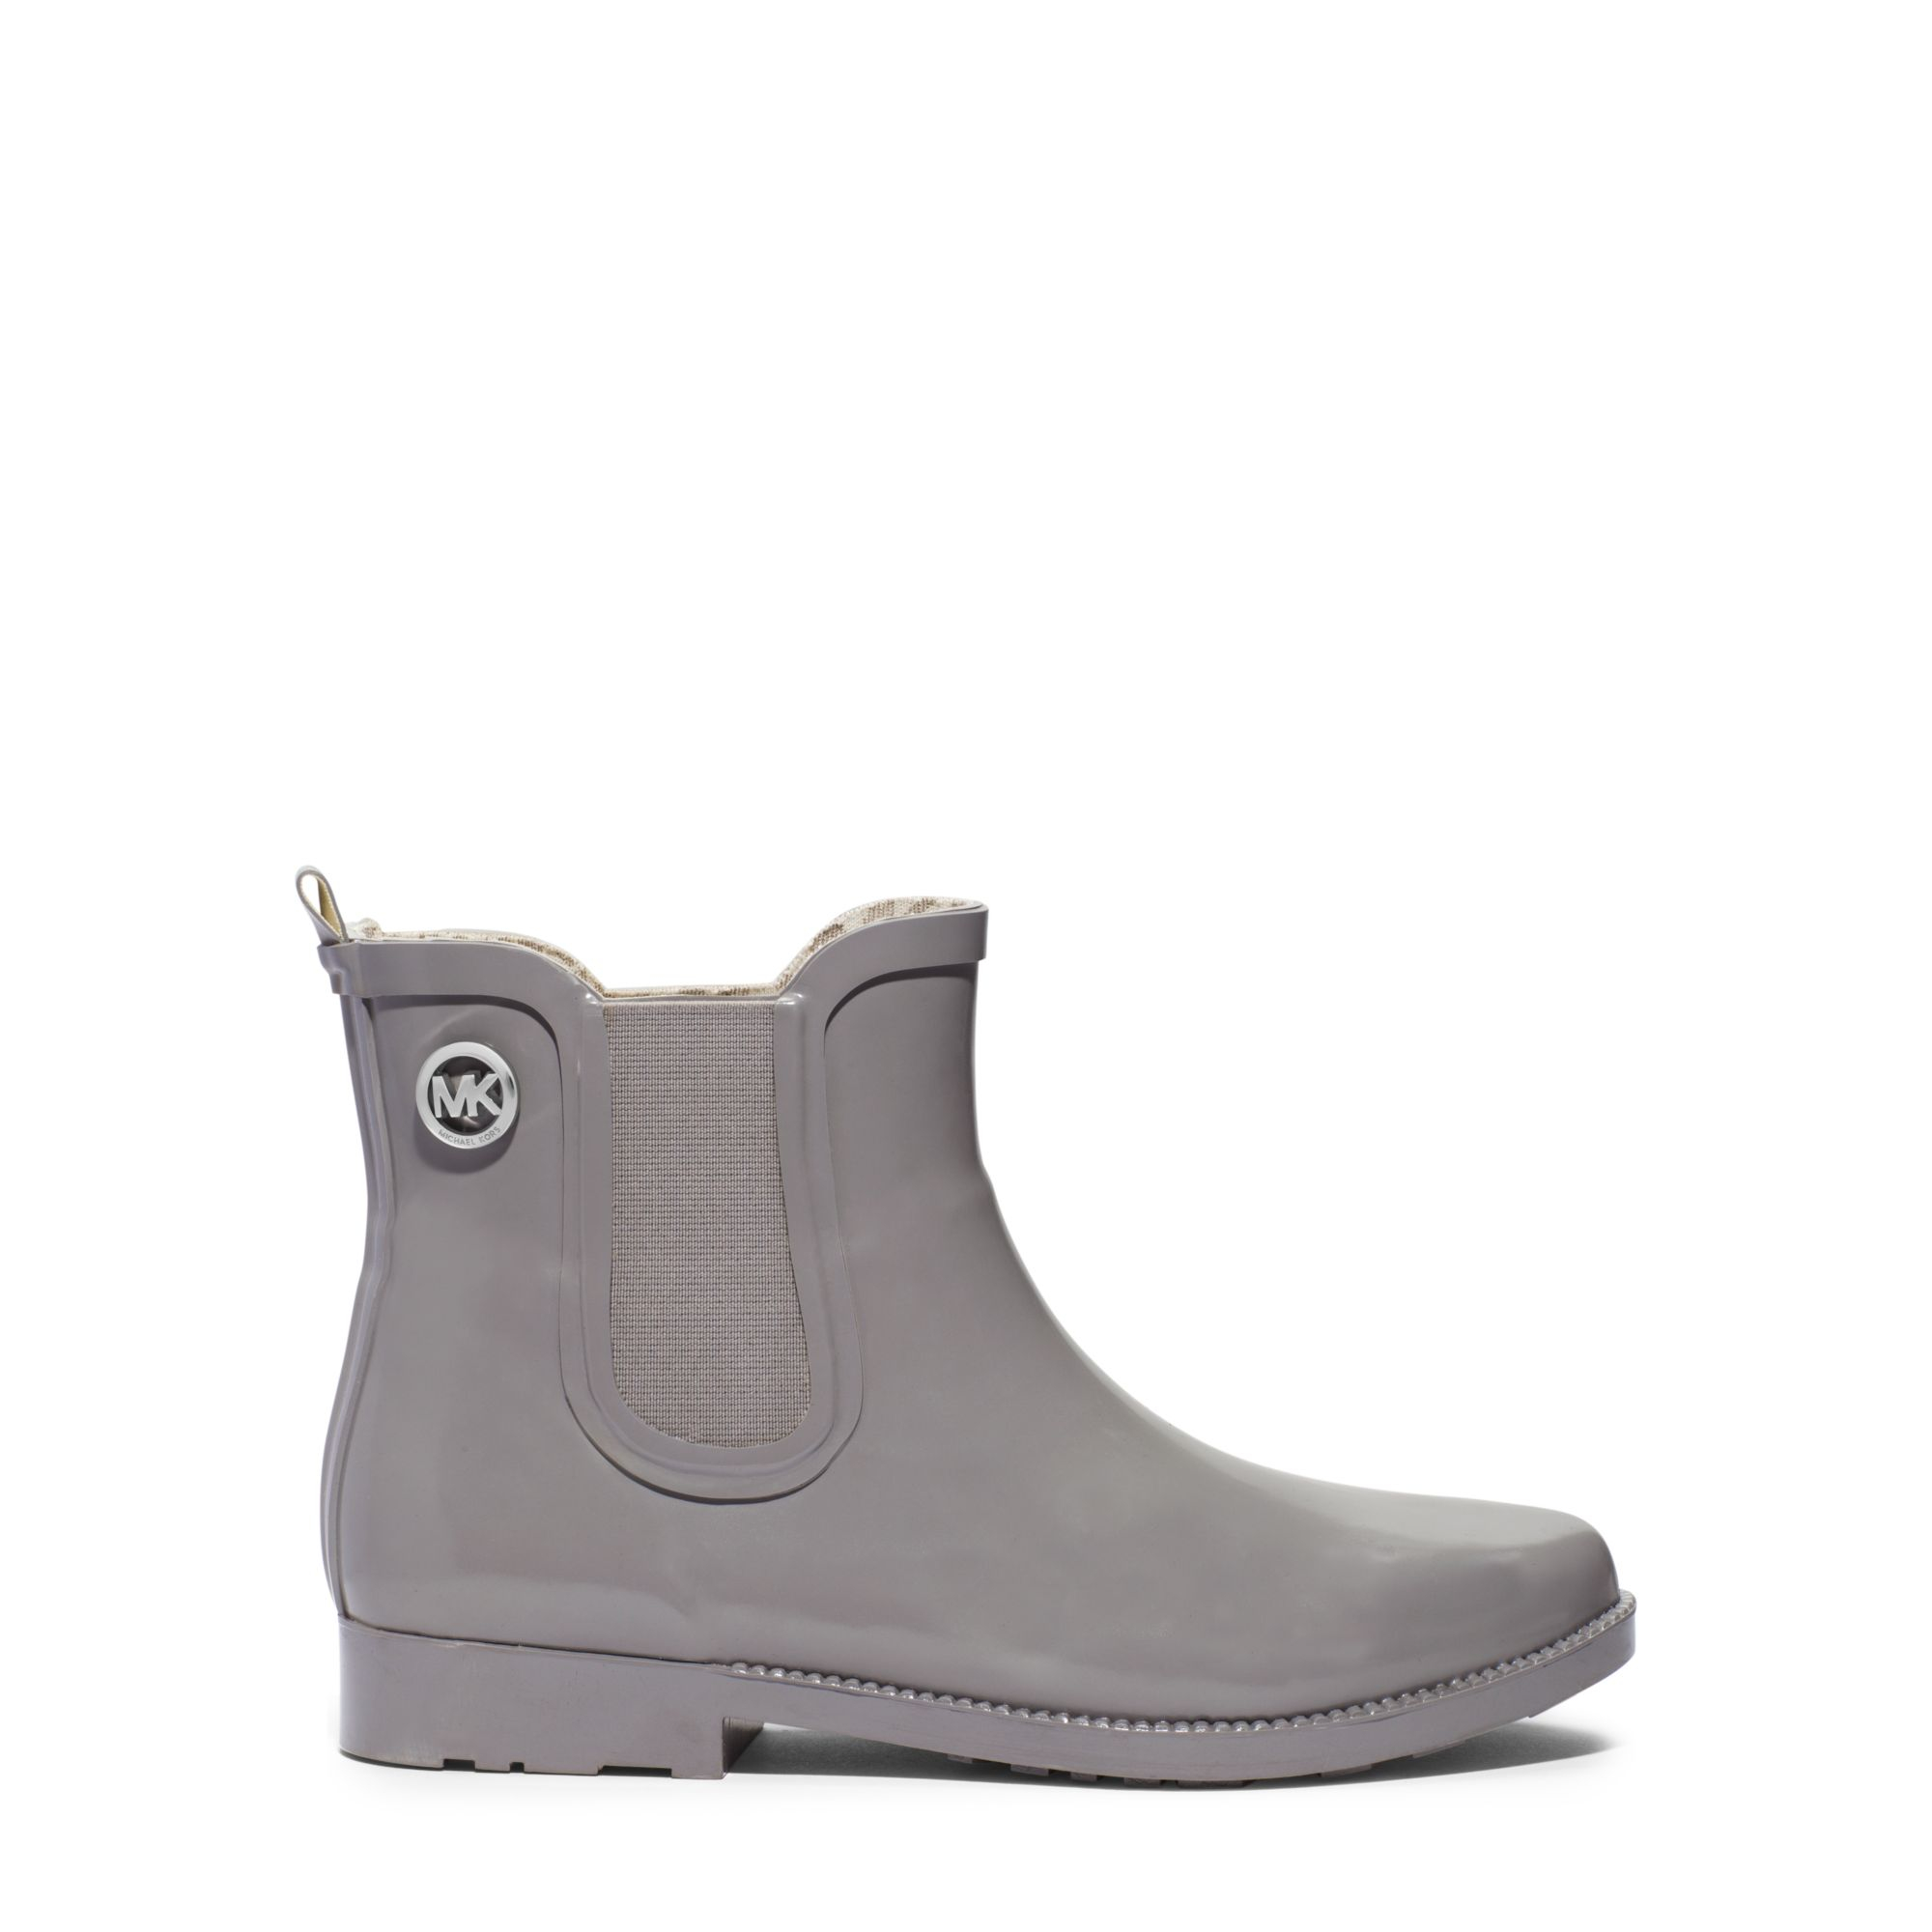 Michael kors Short Rubber Rain Boot in Gray for Men | Lyst